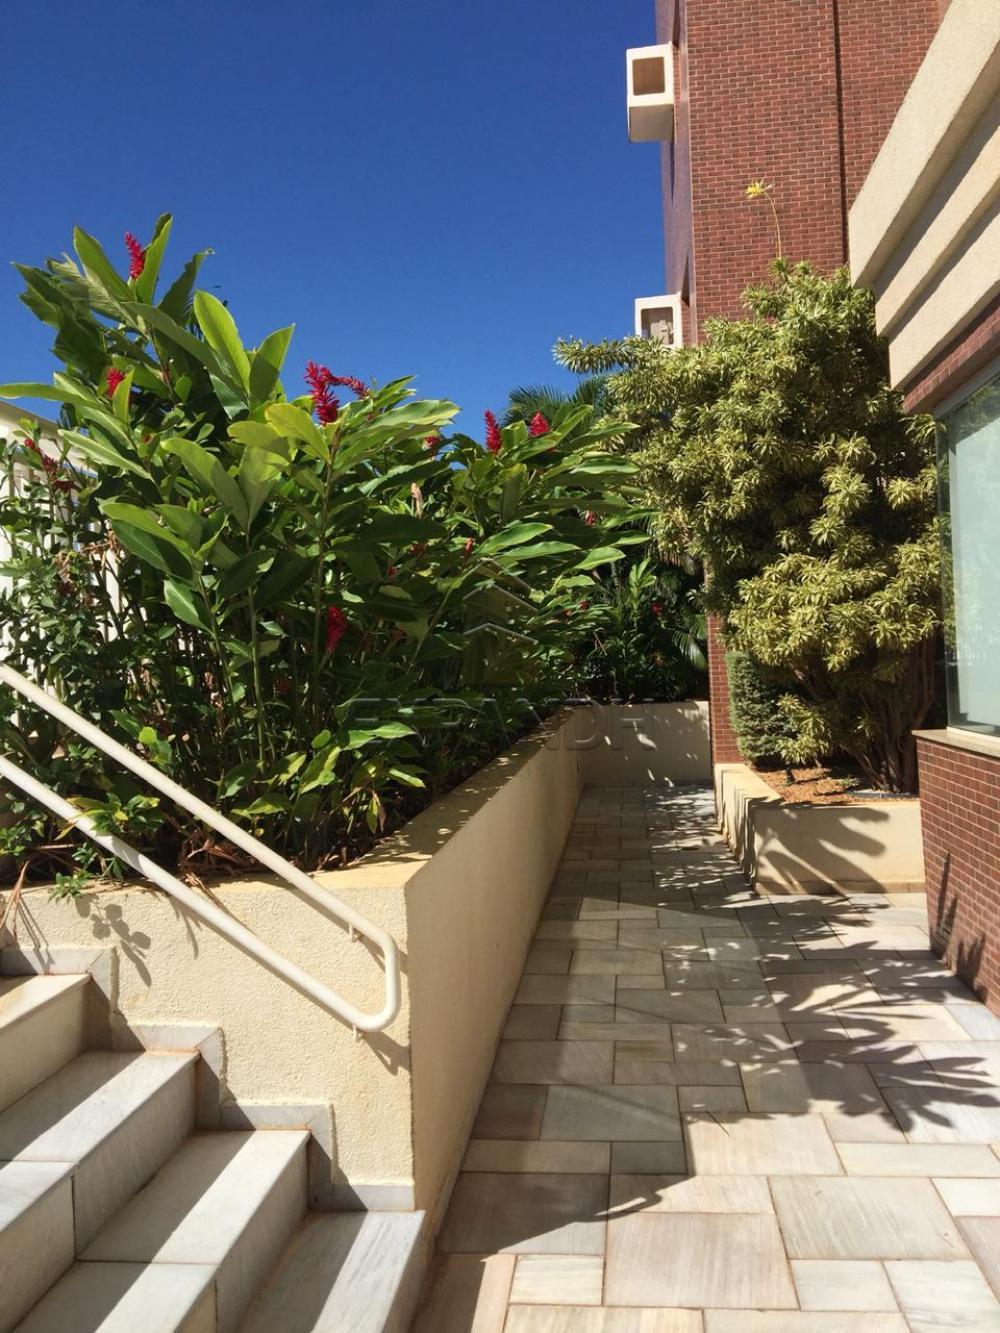 Comprar Apartamentos / Padrão em Sertãozinho R$ 850.000,00 - Foto 19